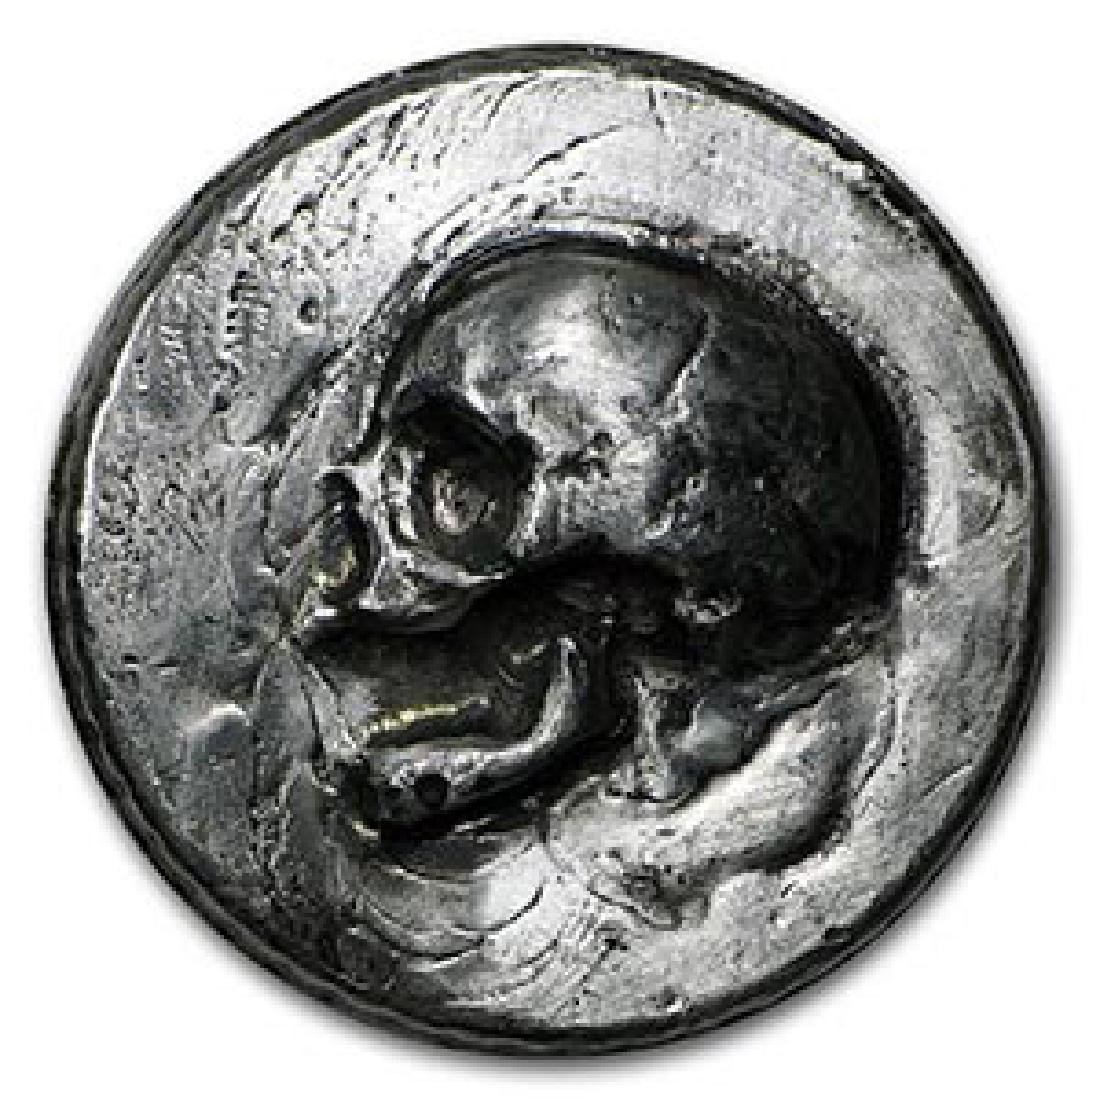 3 oz Silver Round - MK Barz & Bullion (Skull, Ultra Hig